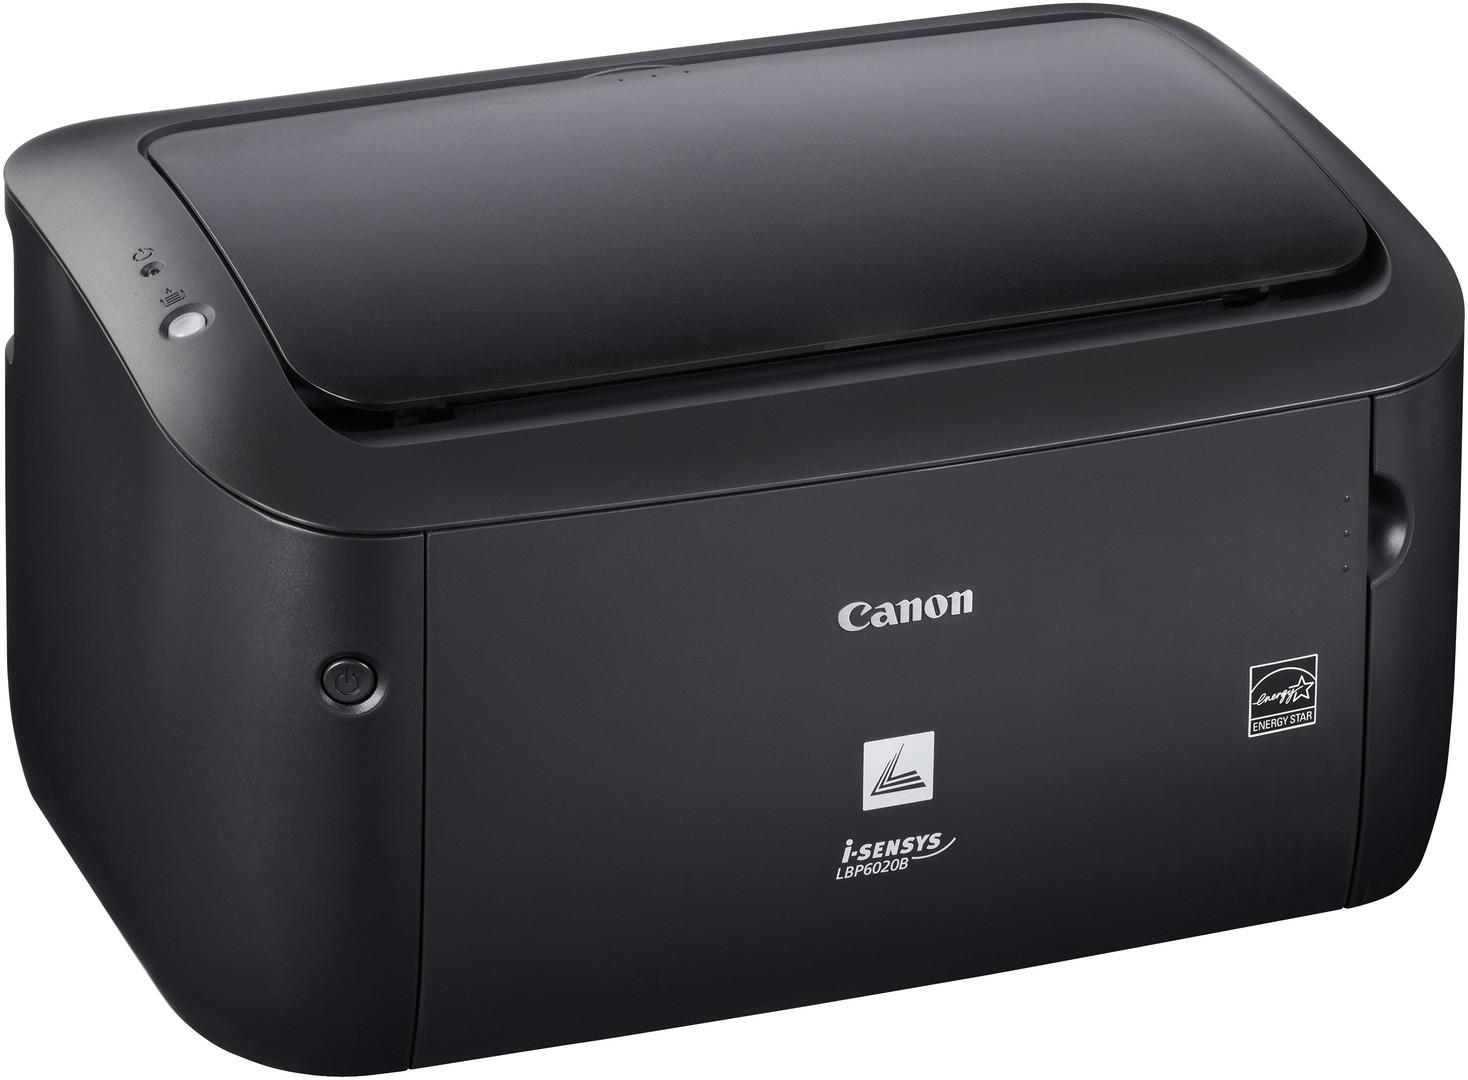 принтер кэнон lbp 6020 b драйвера скачать